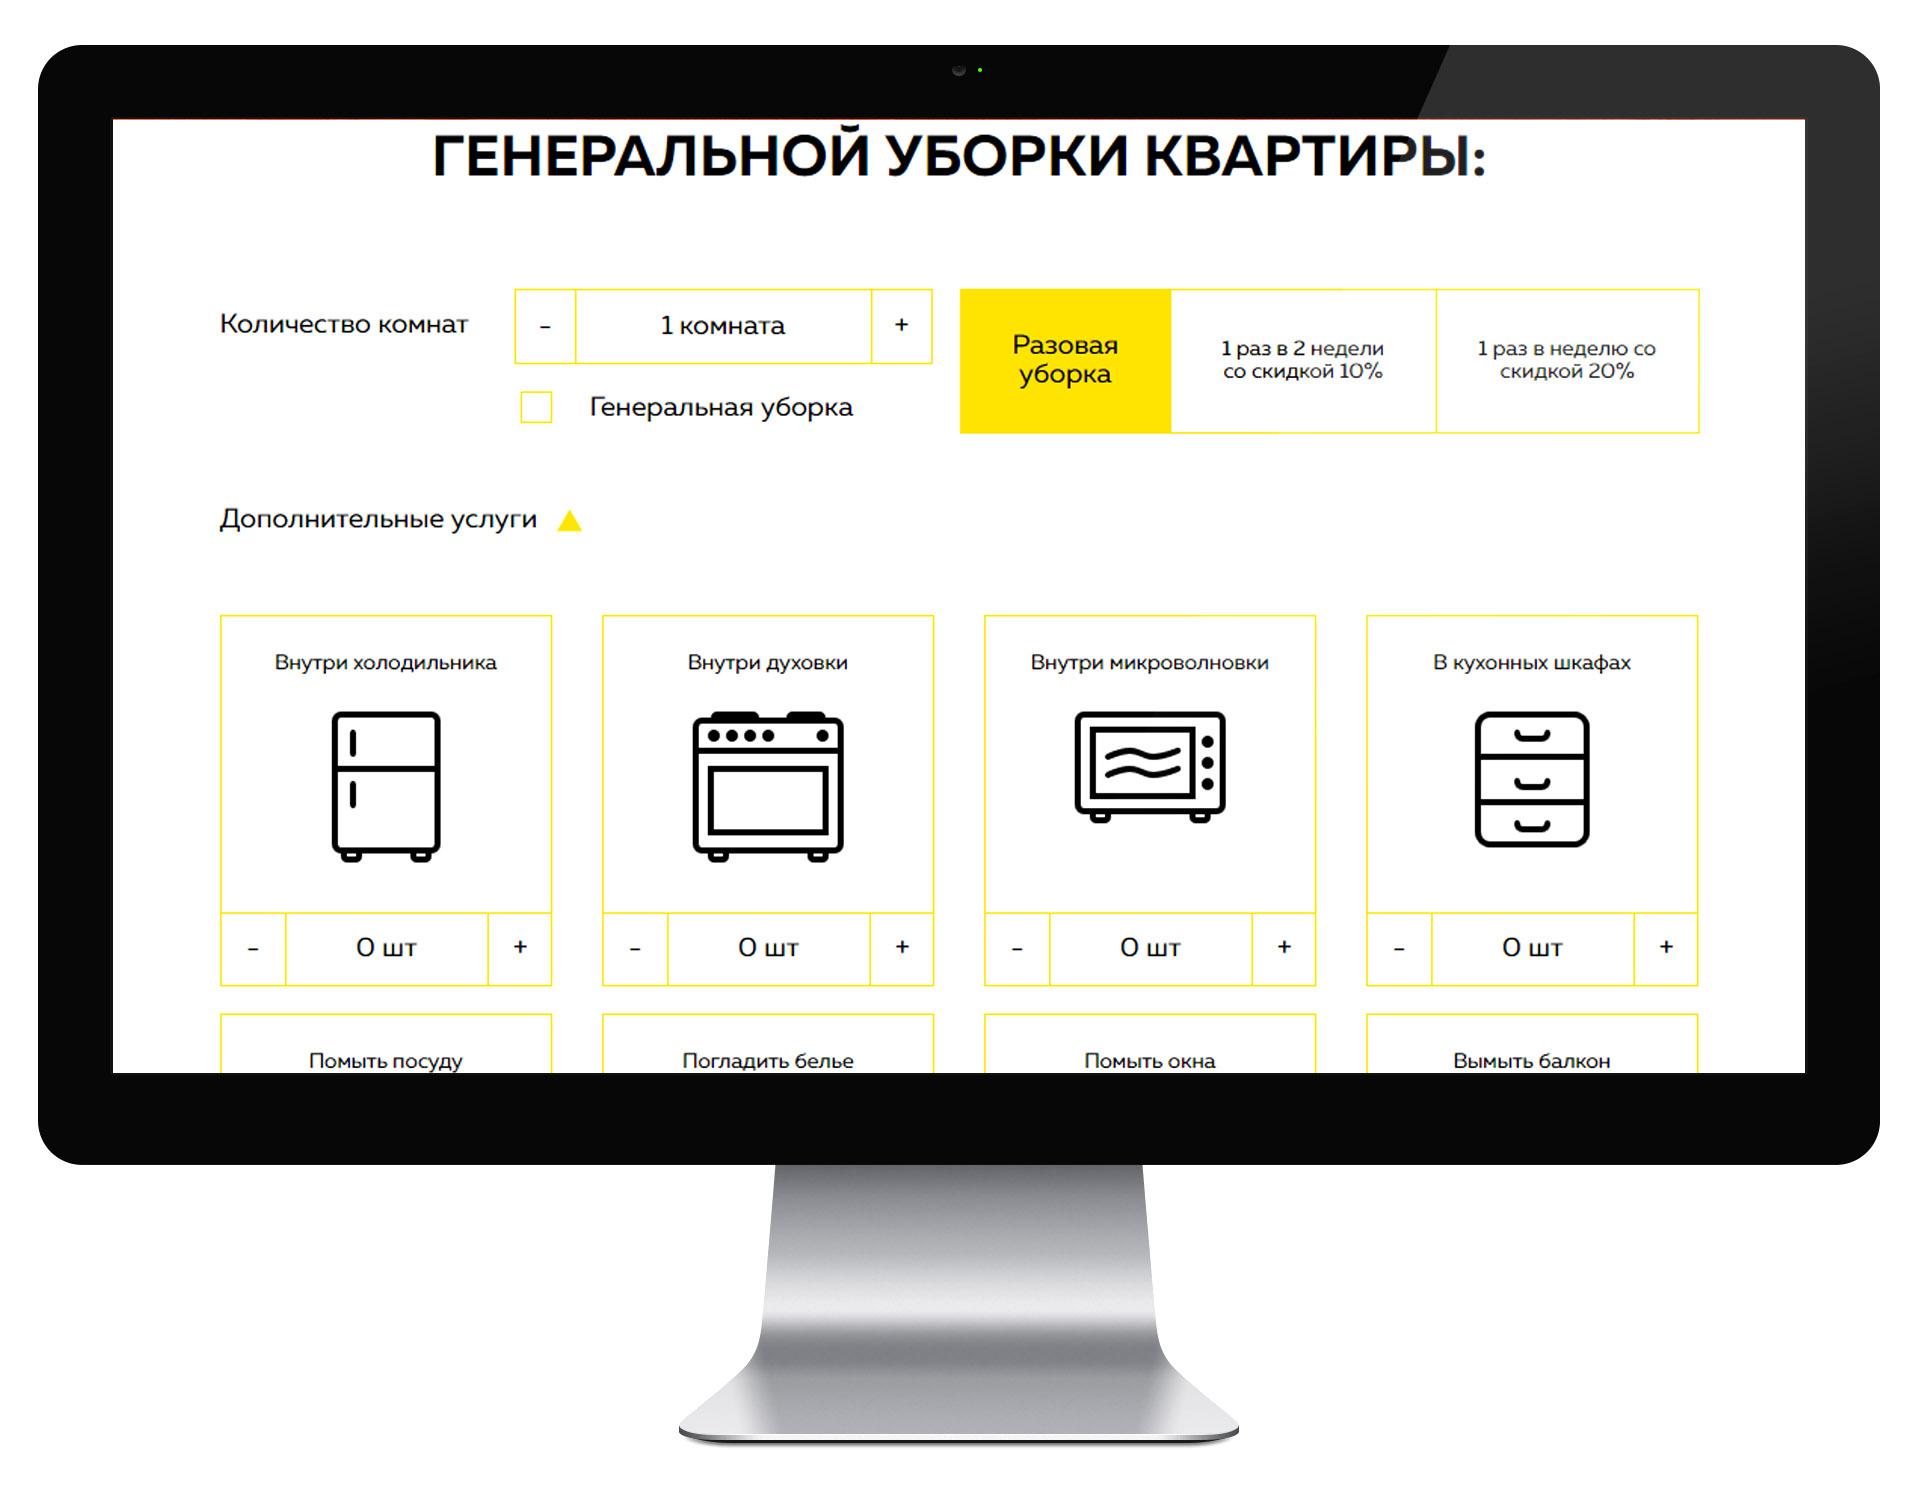 Генеральная уборка по Москве (с калькулятором)